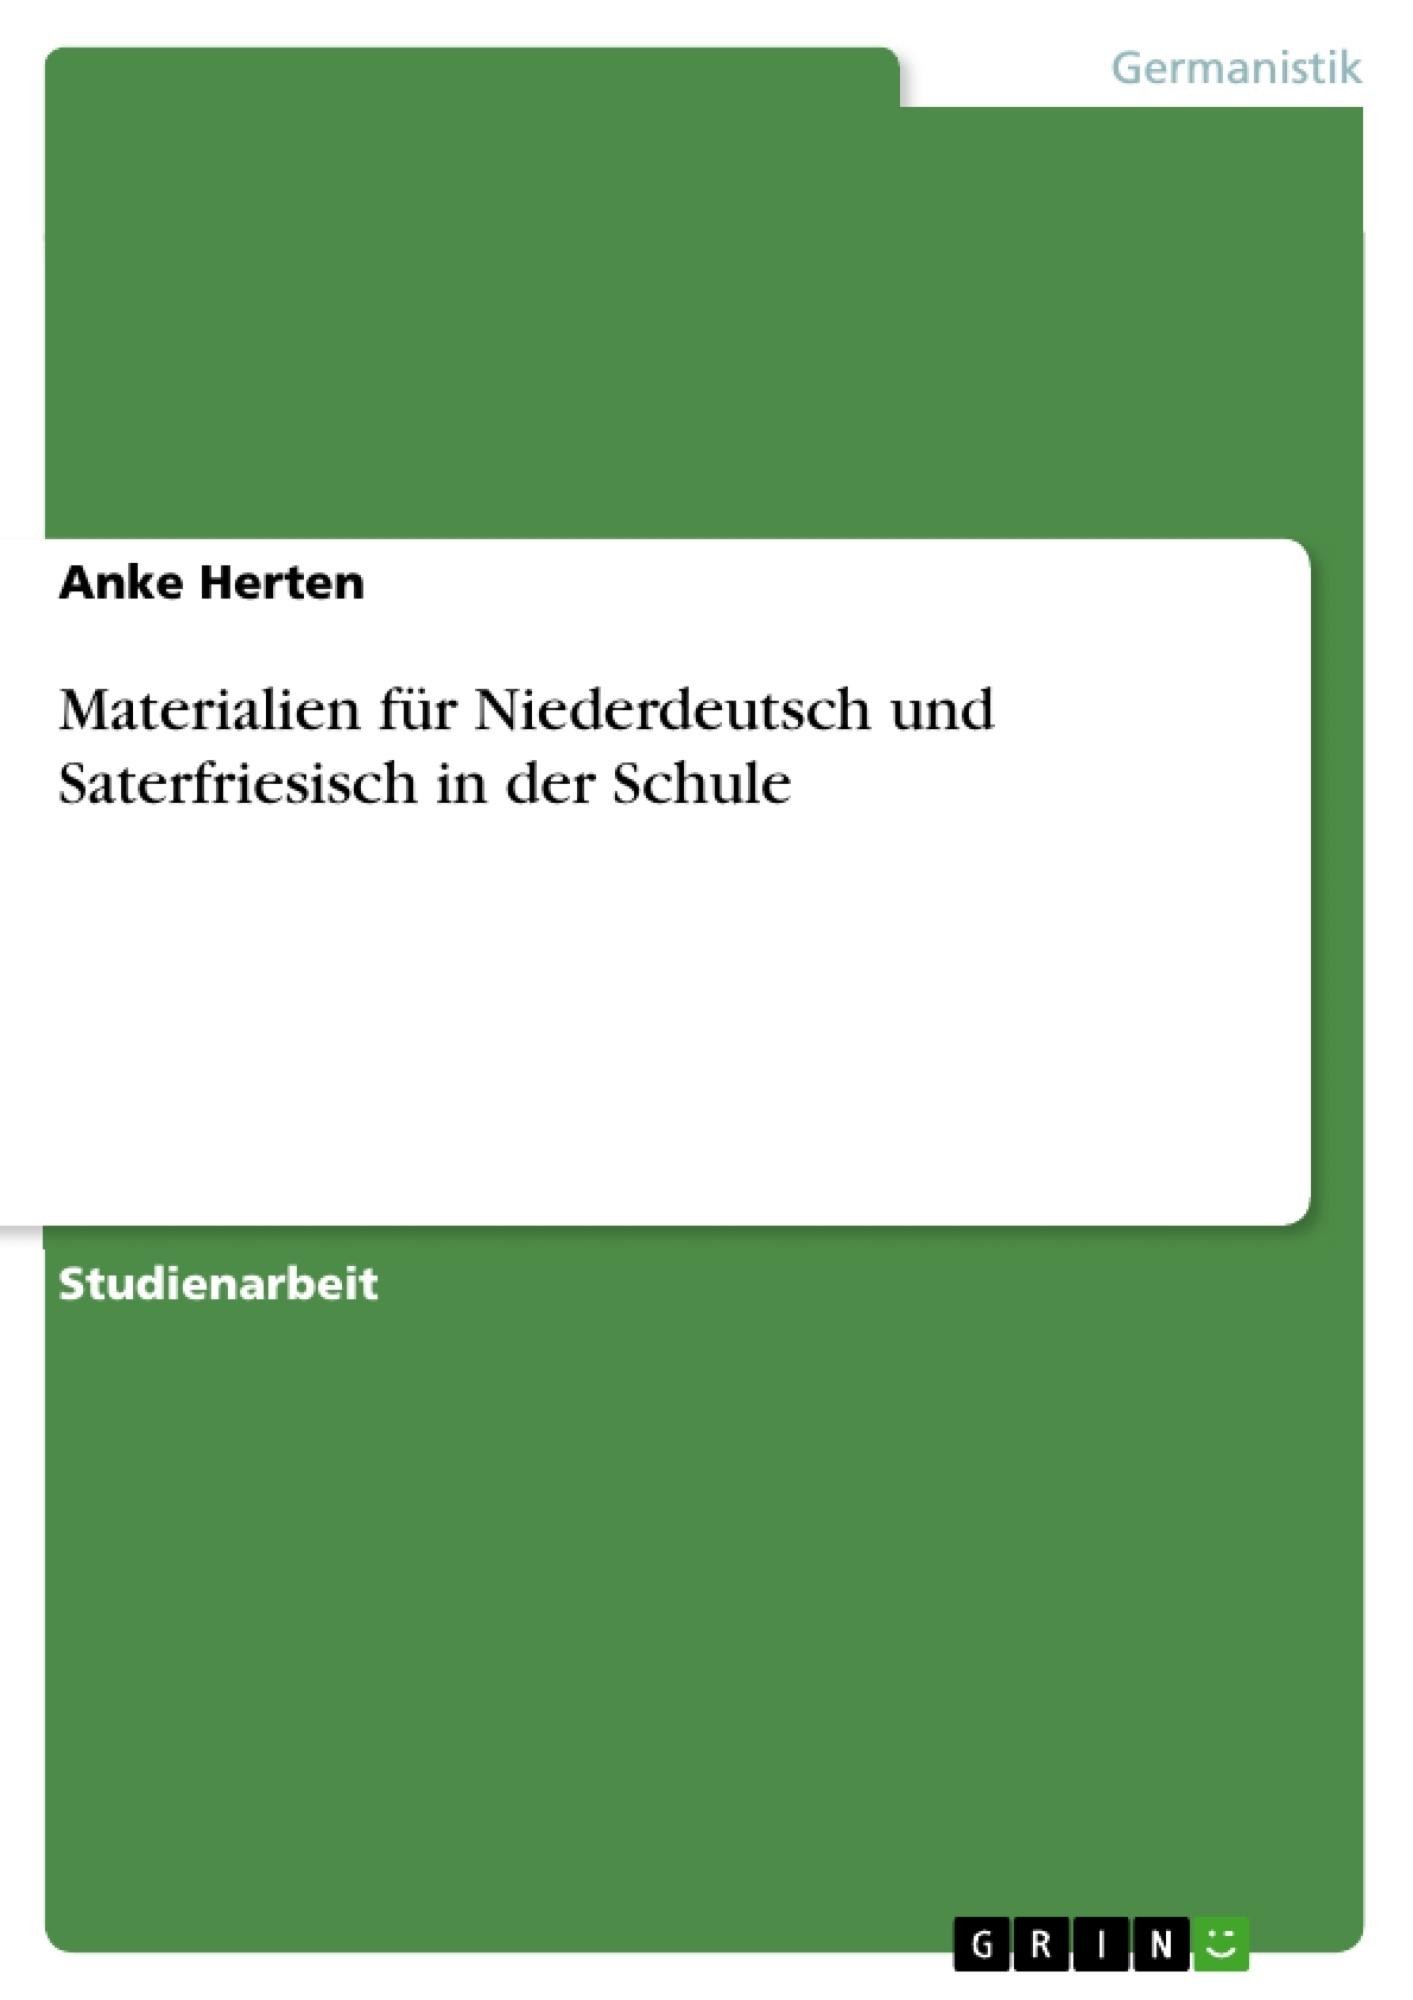 Titel: Materialien für Niederdeutsch und Saterfriesisch in der Schule